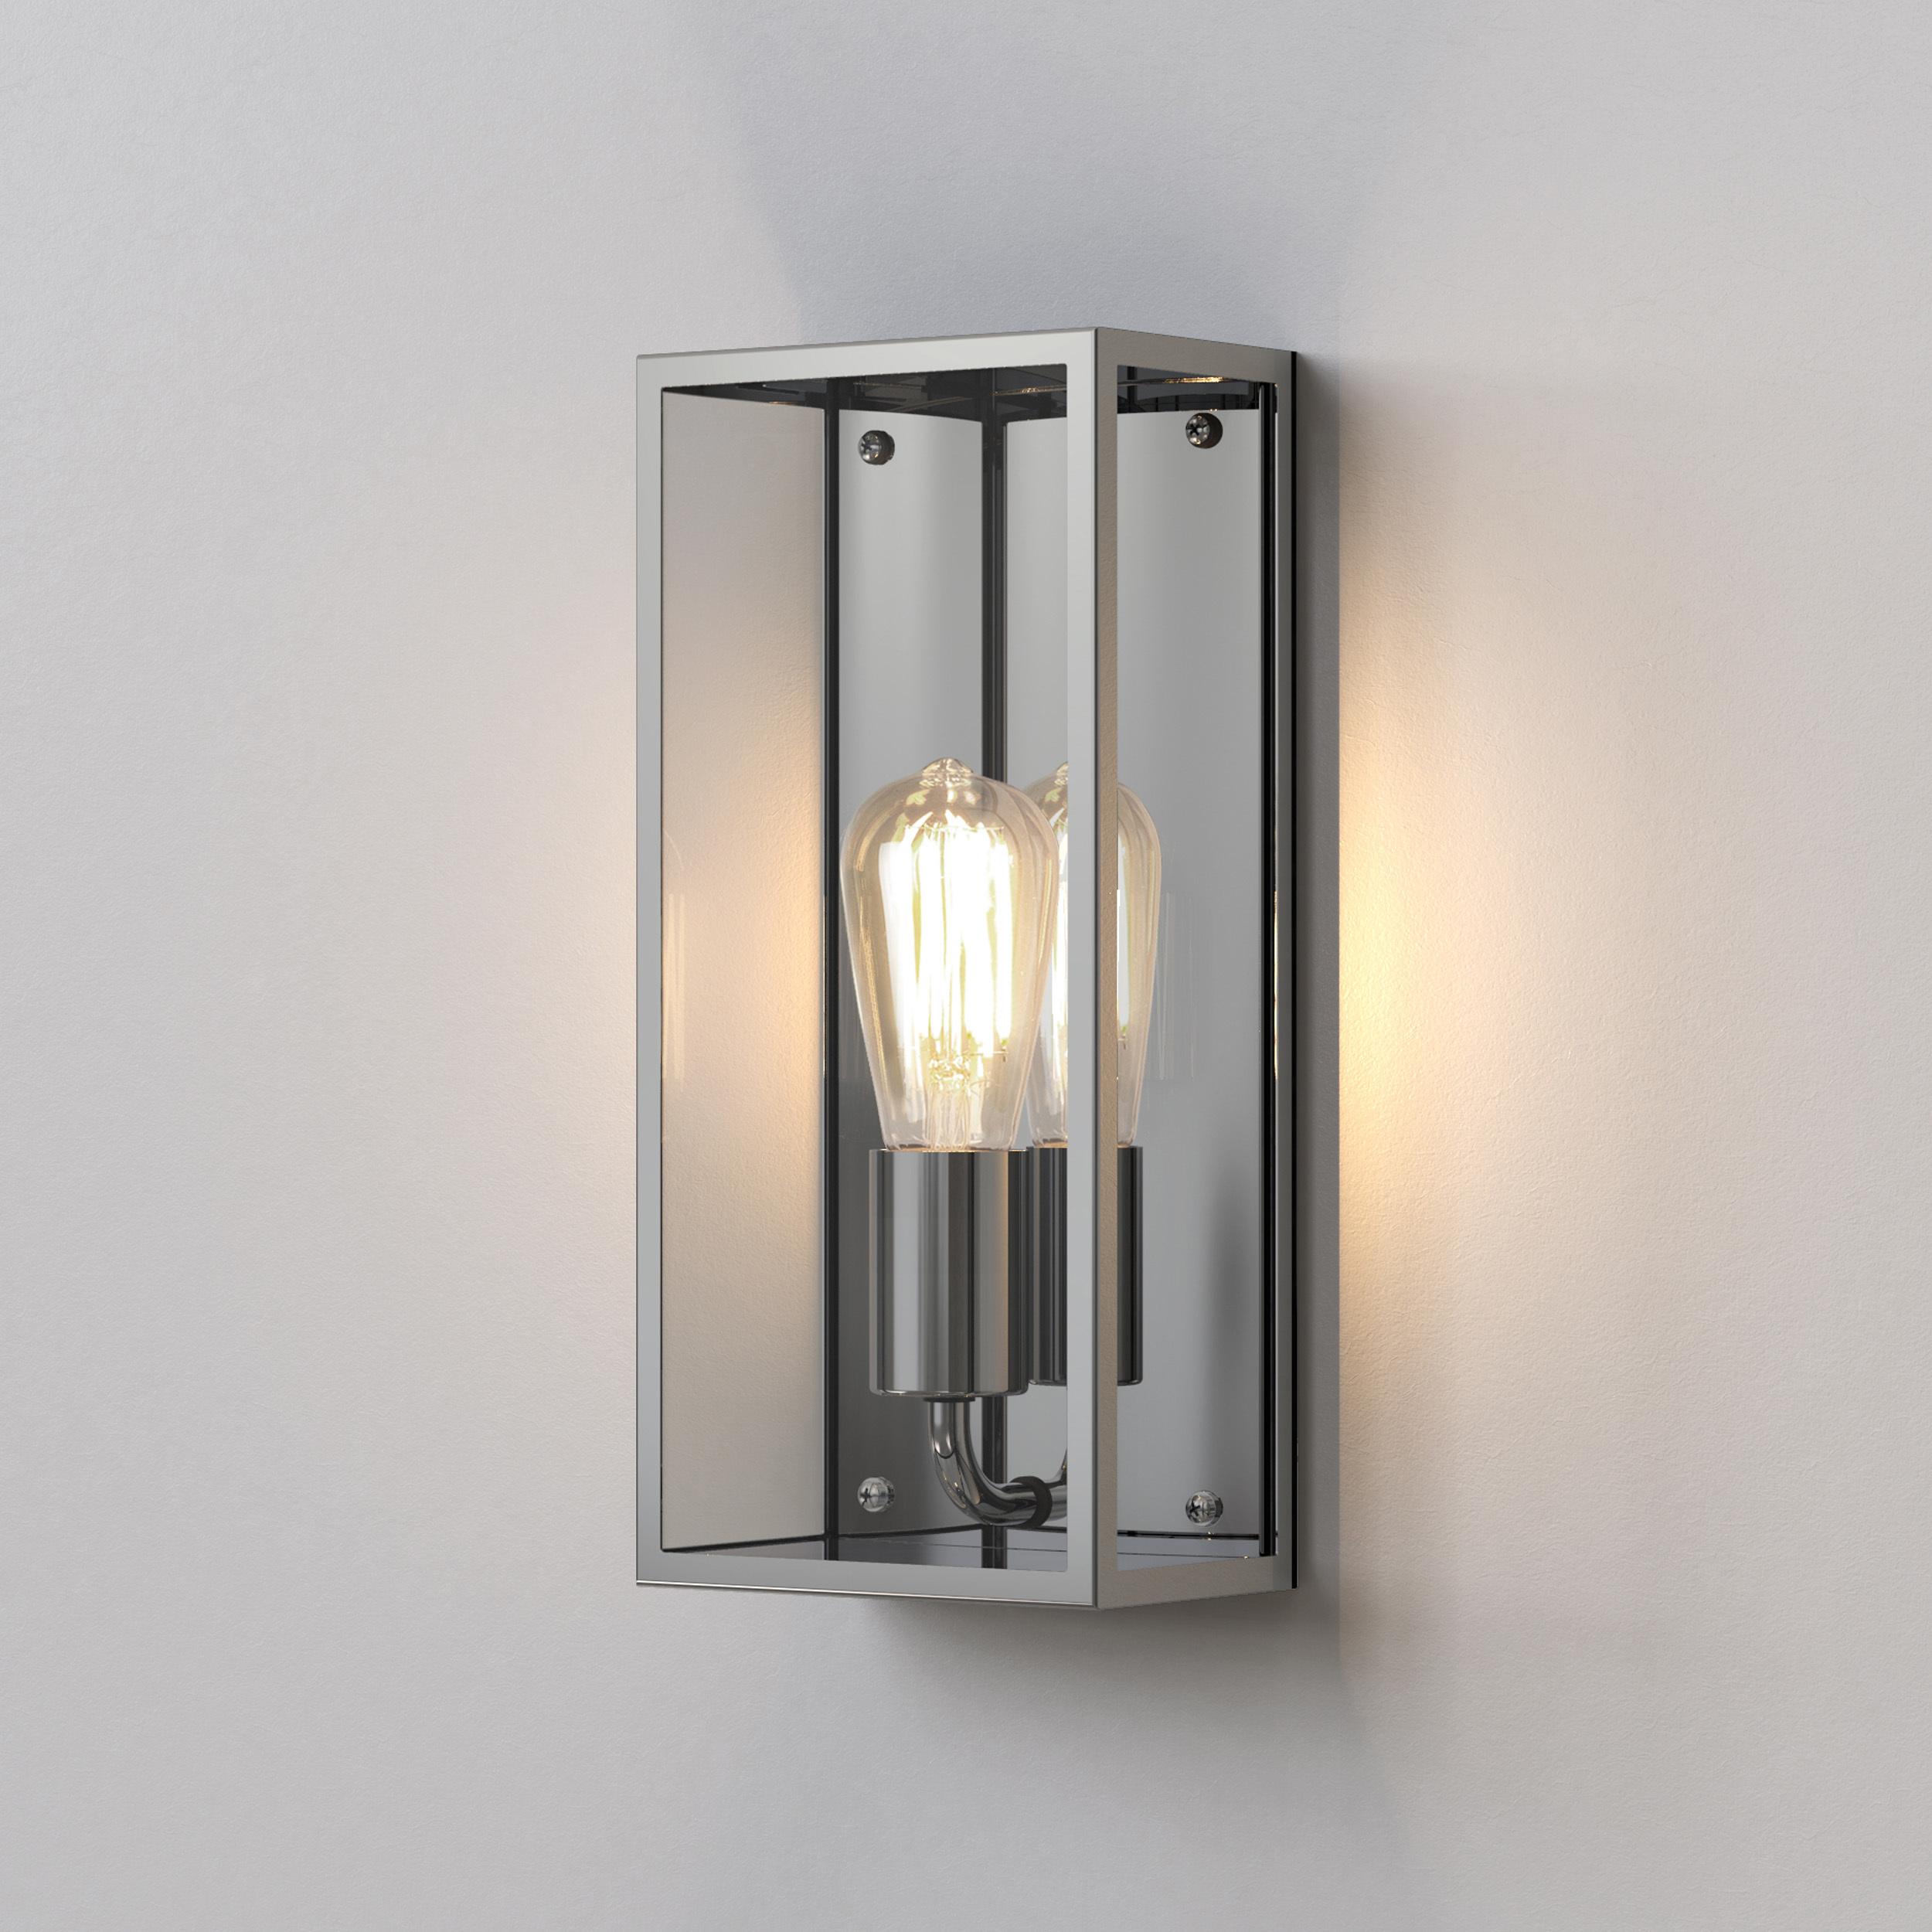 Настенный светильник Astro Messina 1183008 (7879), IP44, 1xE27x60W, хром, прозрачный, металл, стекло - фото 1